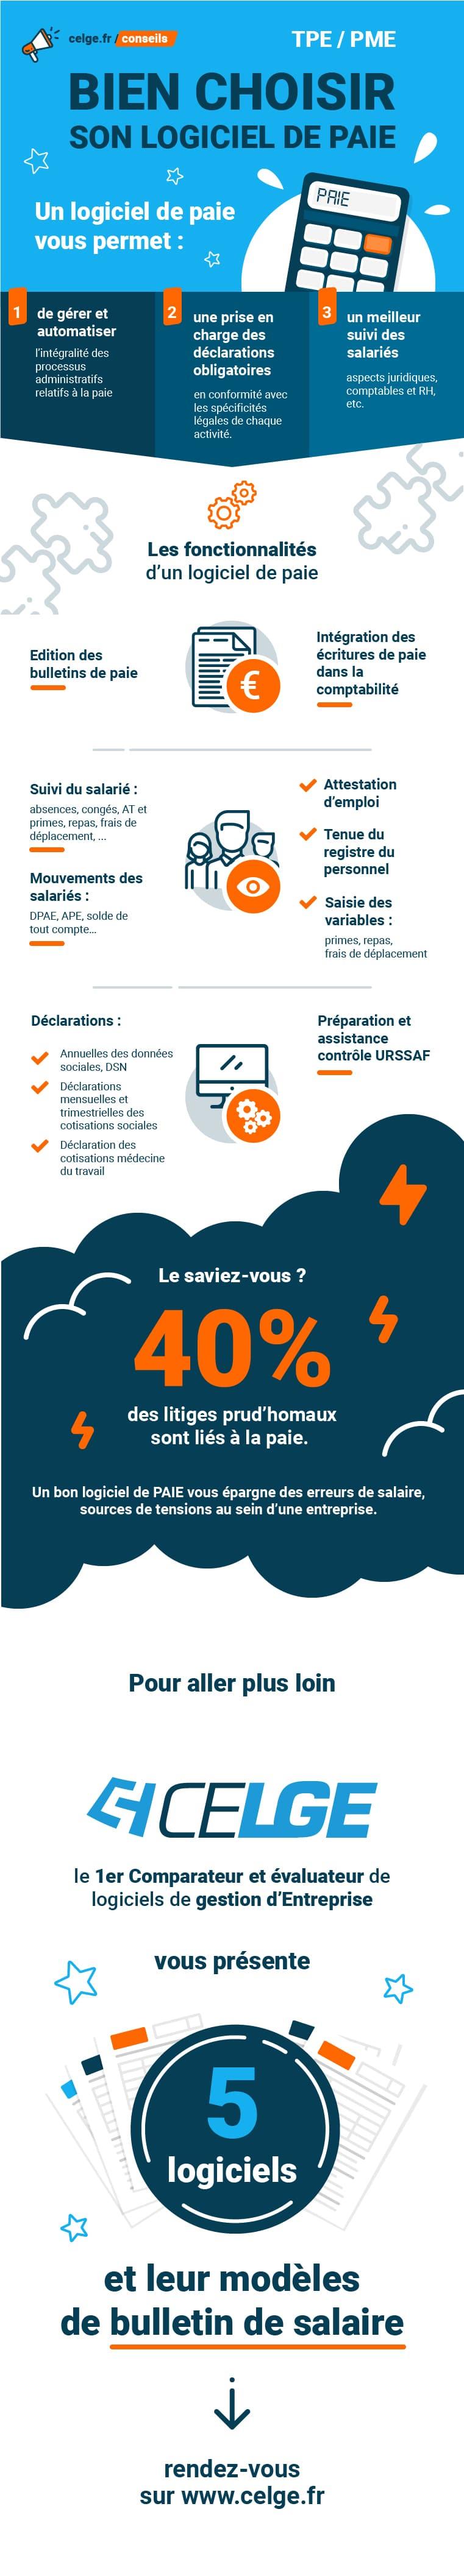 Infographie : comment bien choisir son logiciel de gestion de la paie